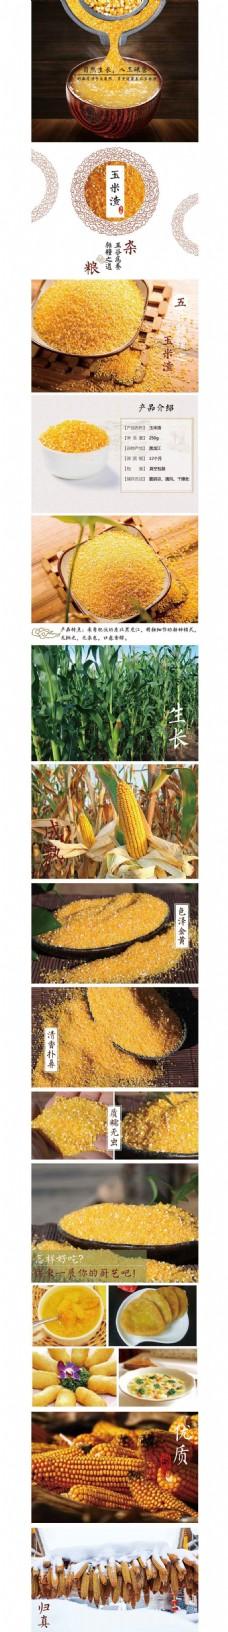 玉米玉米渣农产品淘宝类详情